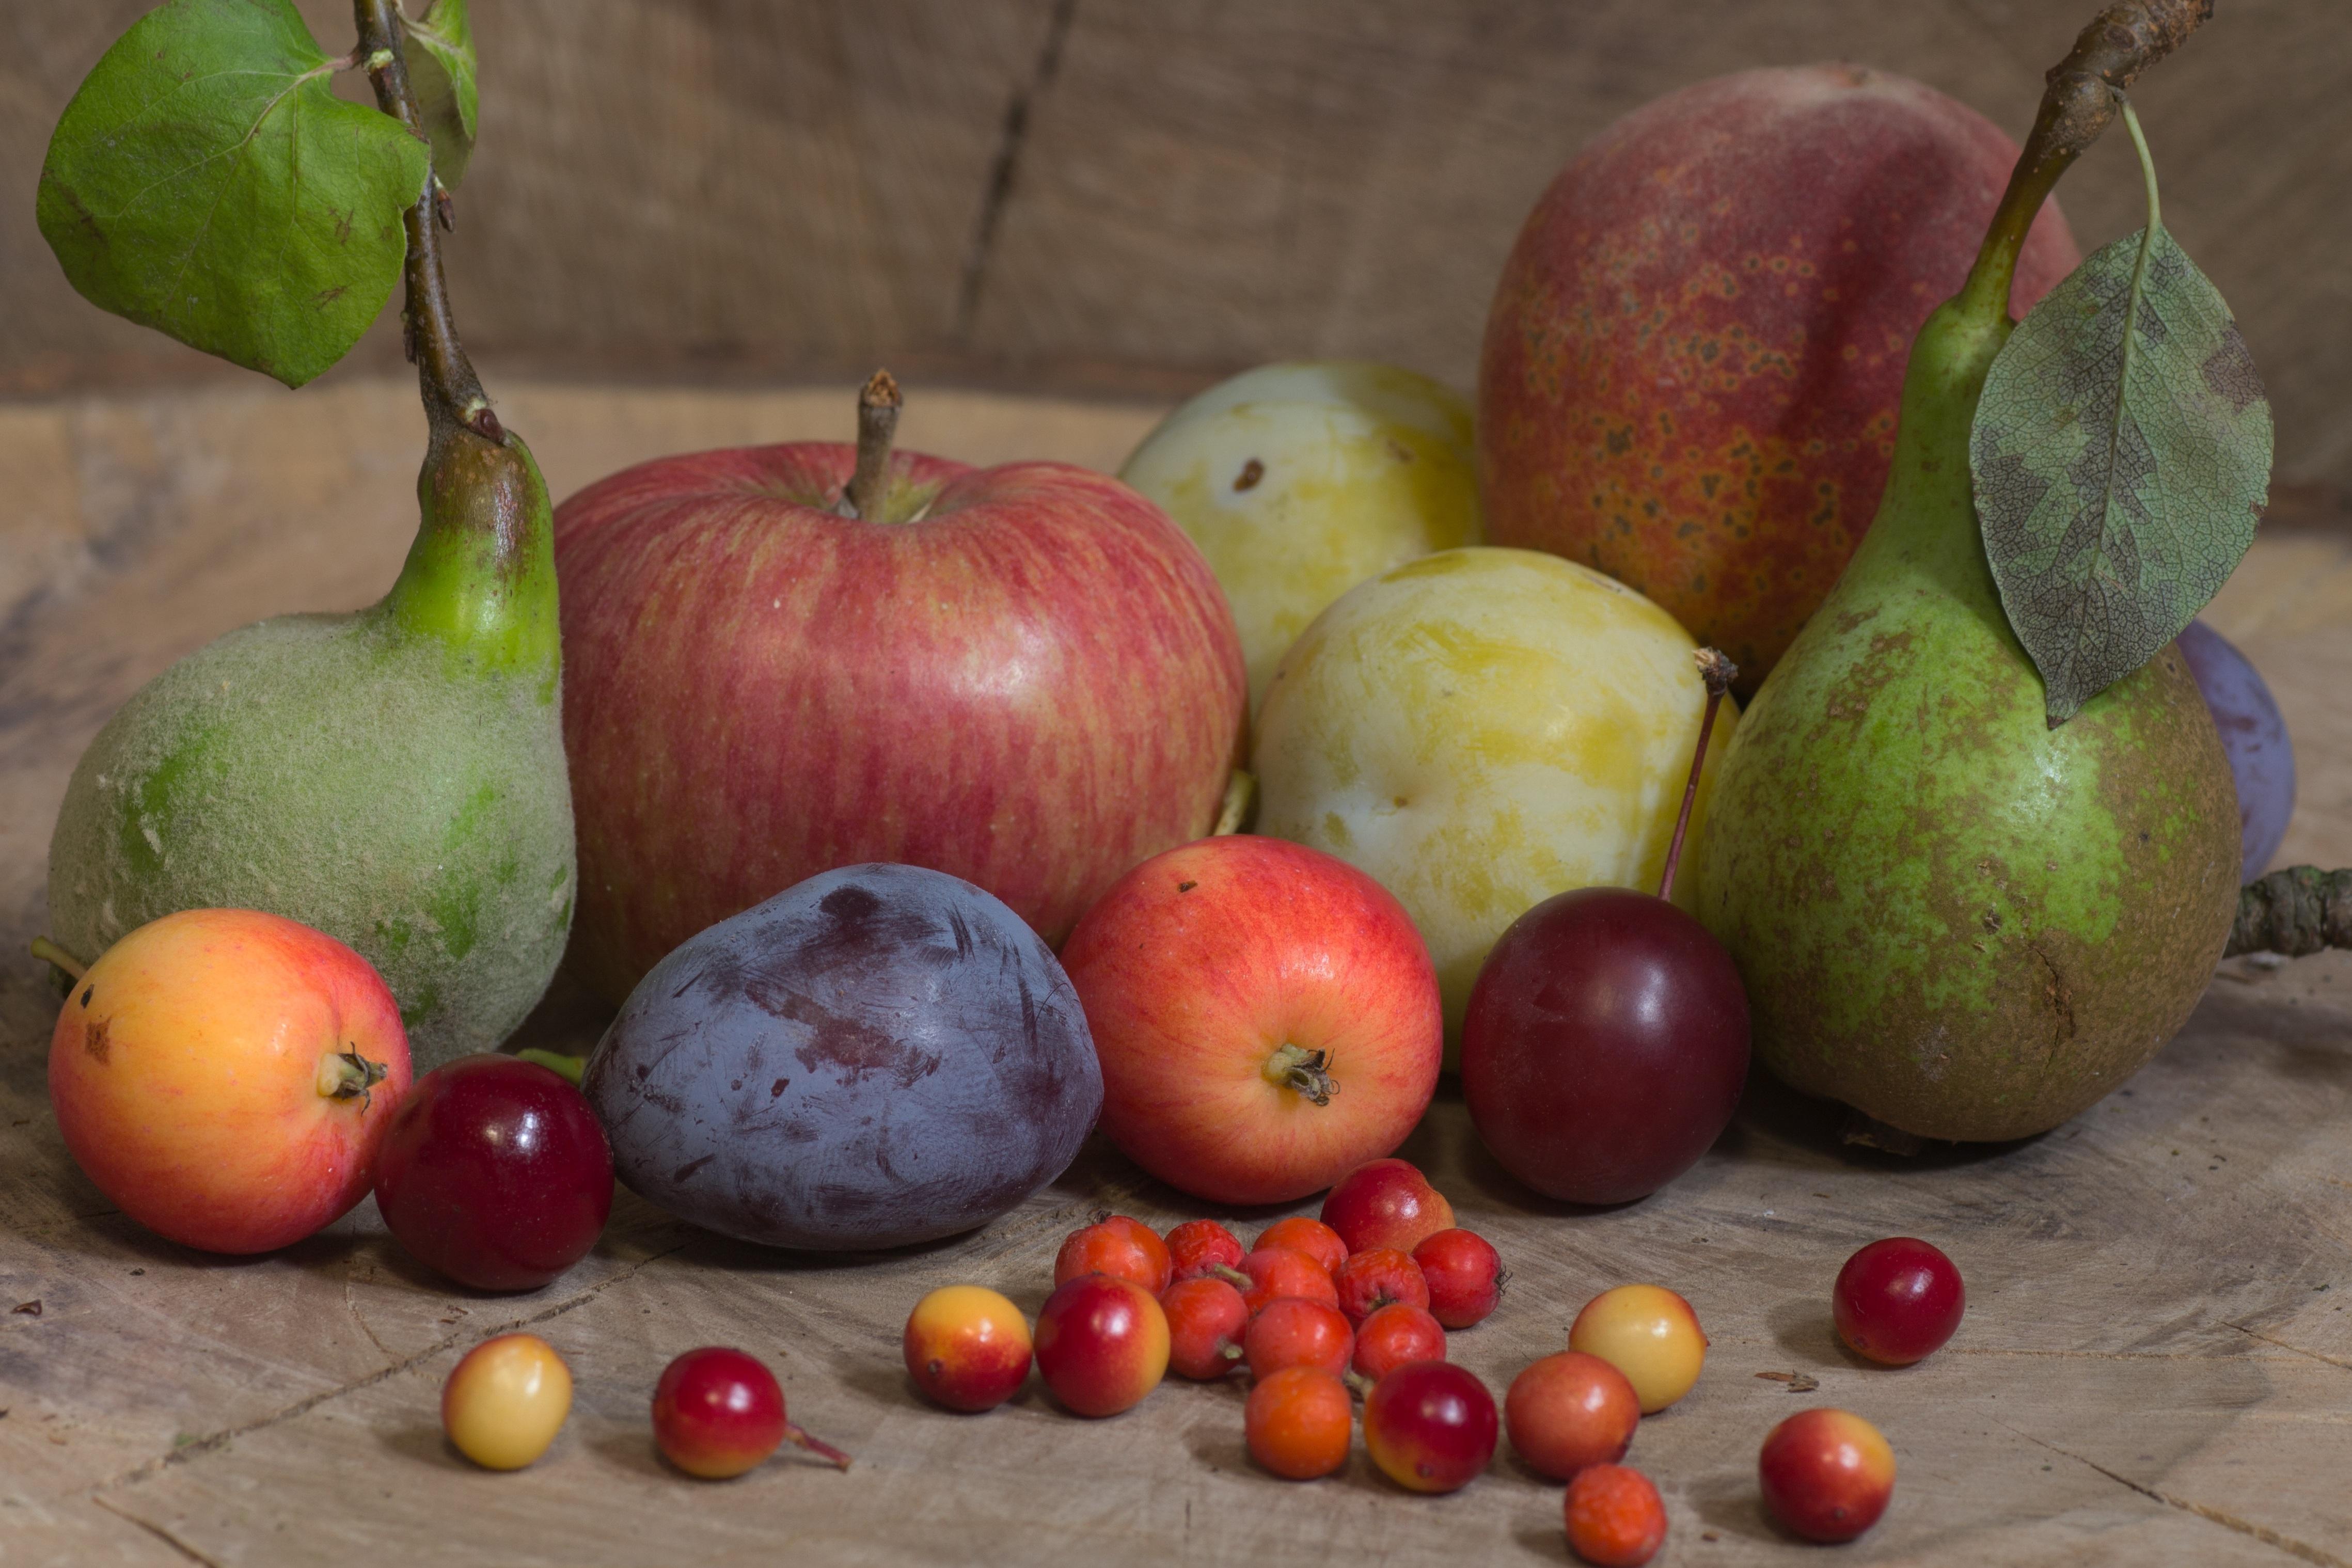 картинки фруктов из библии отличных идей, реатива